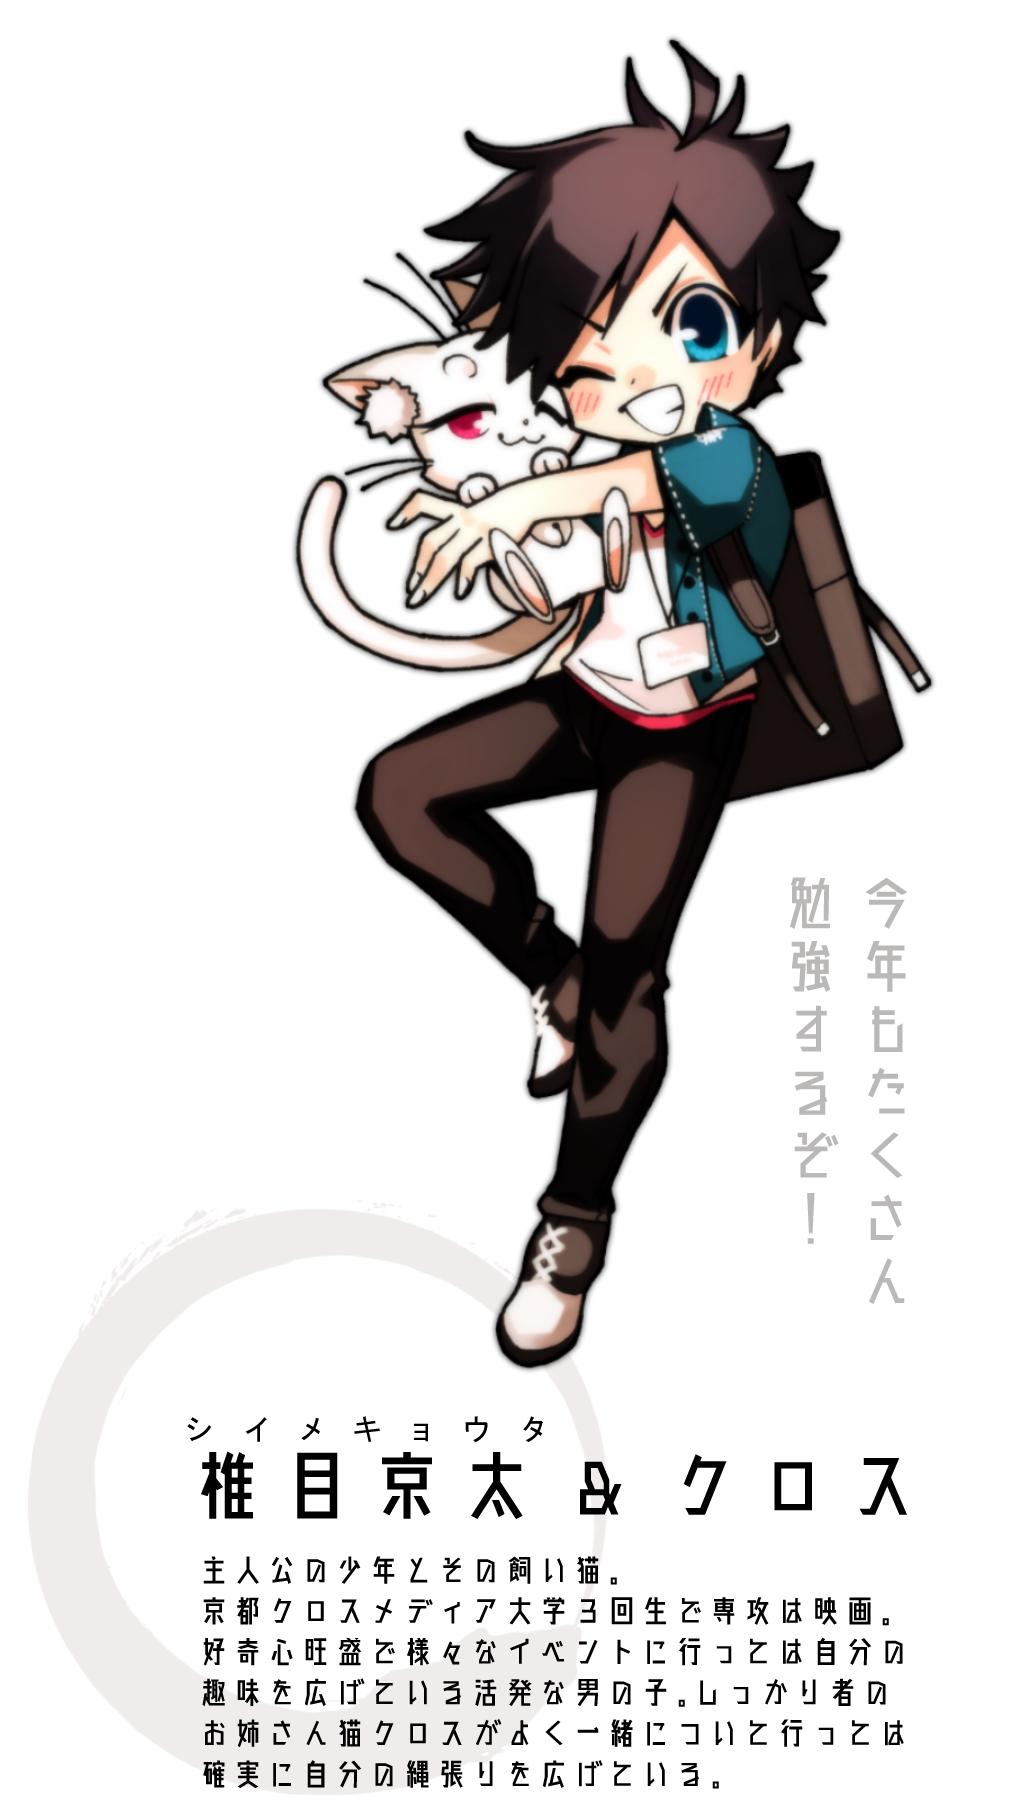 椎目京太 & クロス